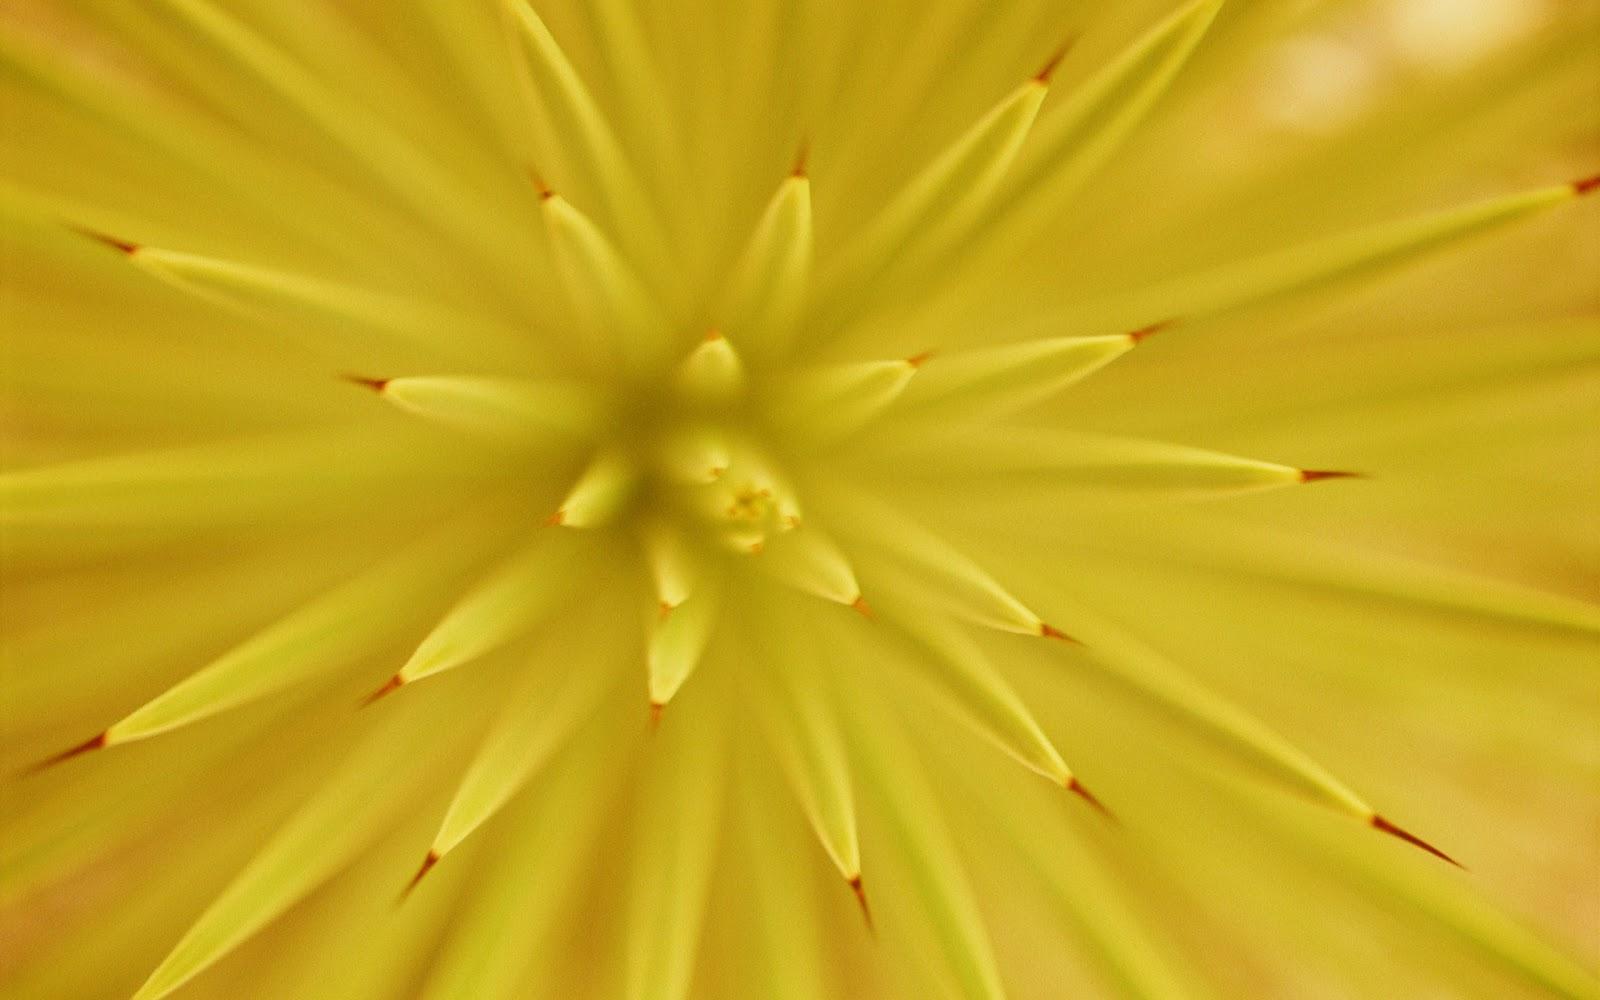 I colori e la musica il colore giallo for Oggetti di colore giallo